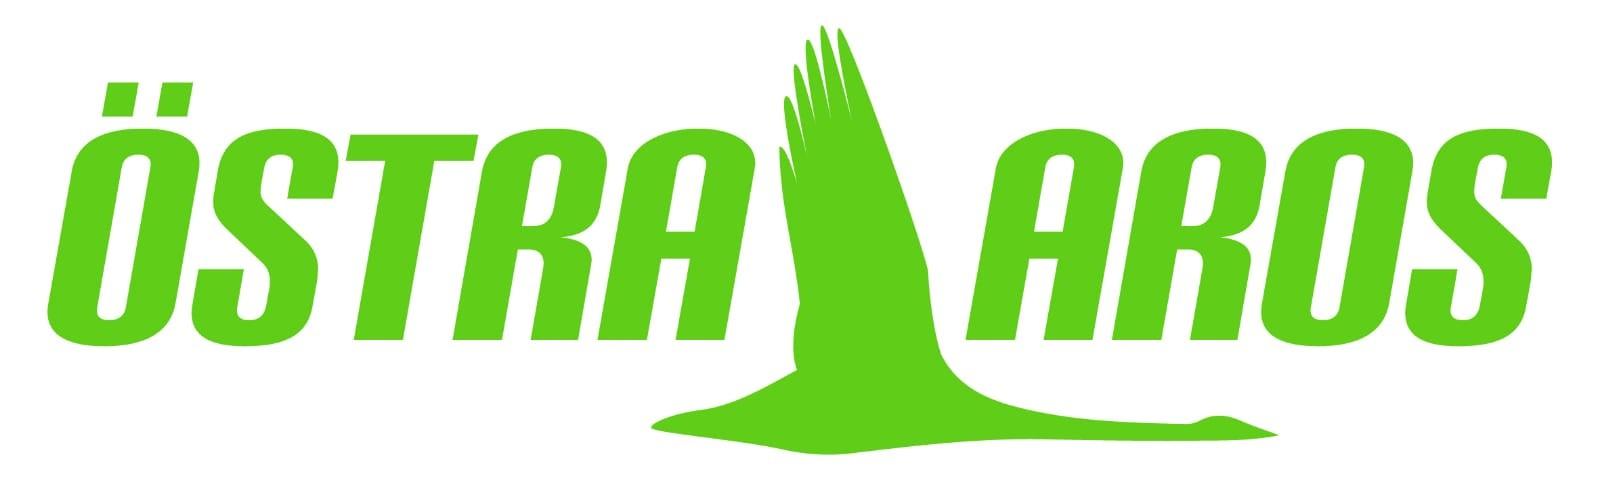 Flyttfirma Östra Aros logga